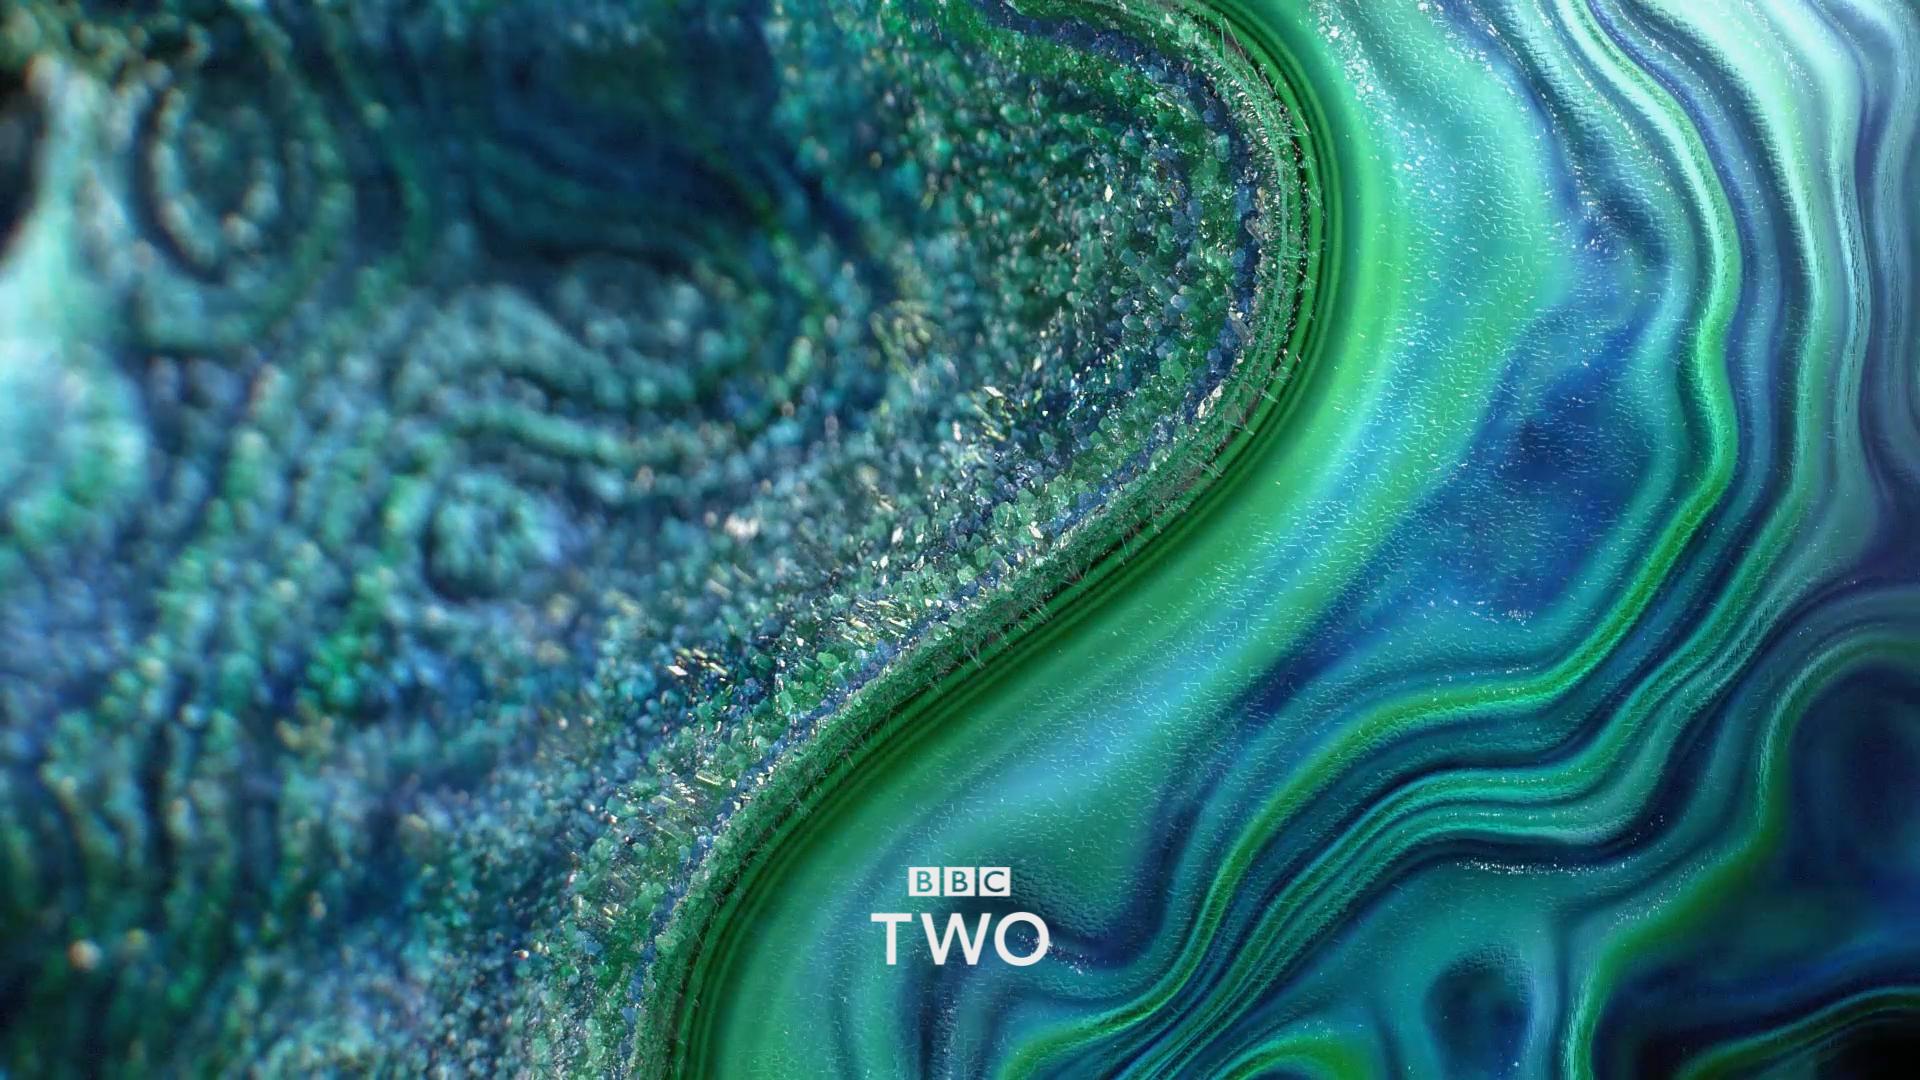 BBC2_ident_stills_00004.jpg